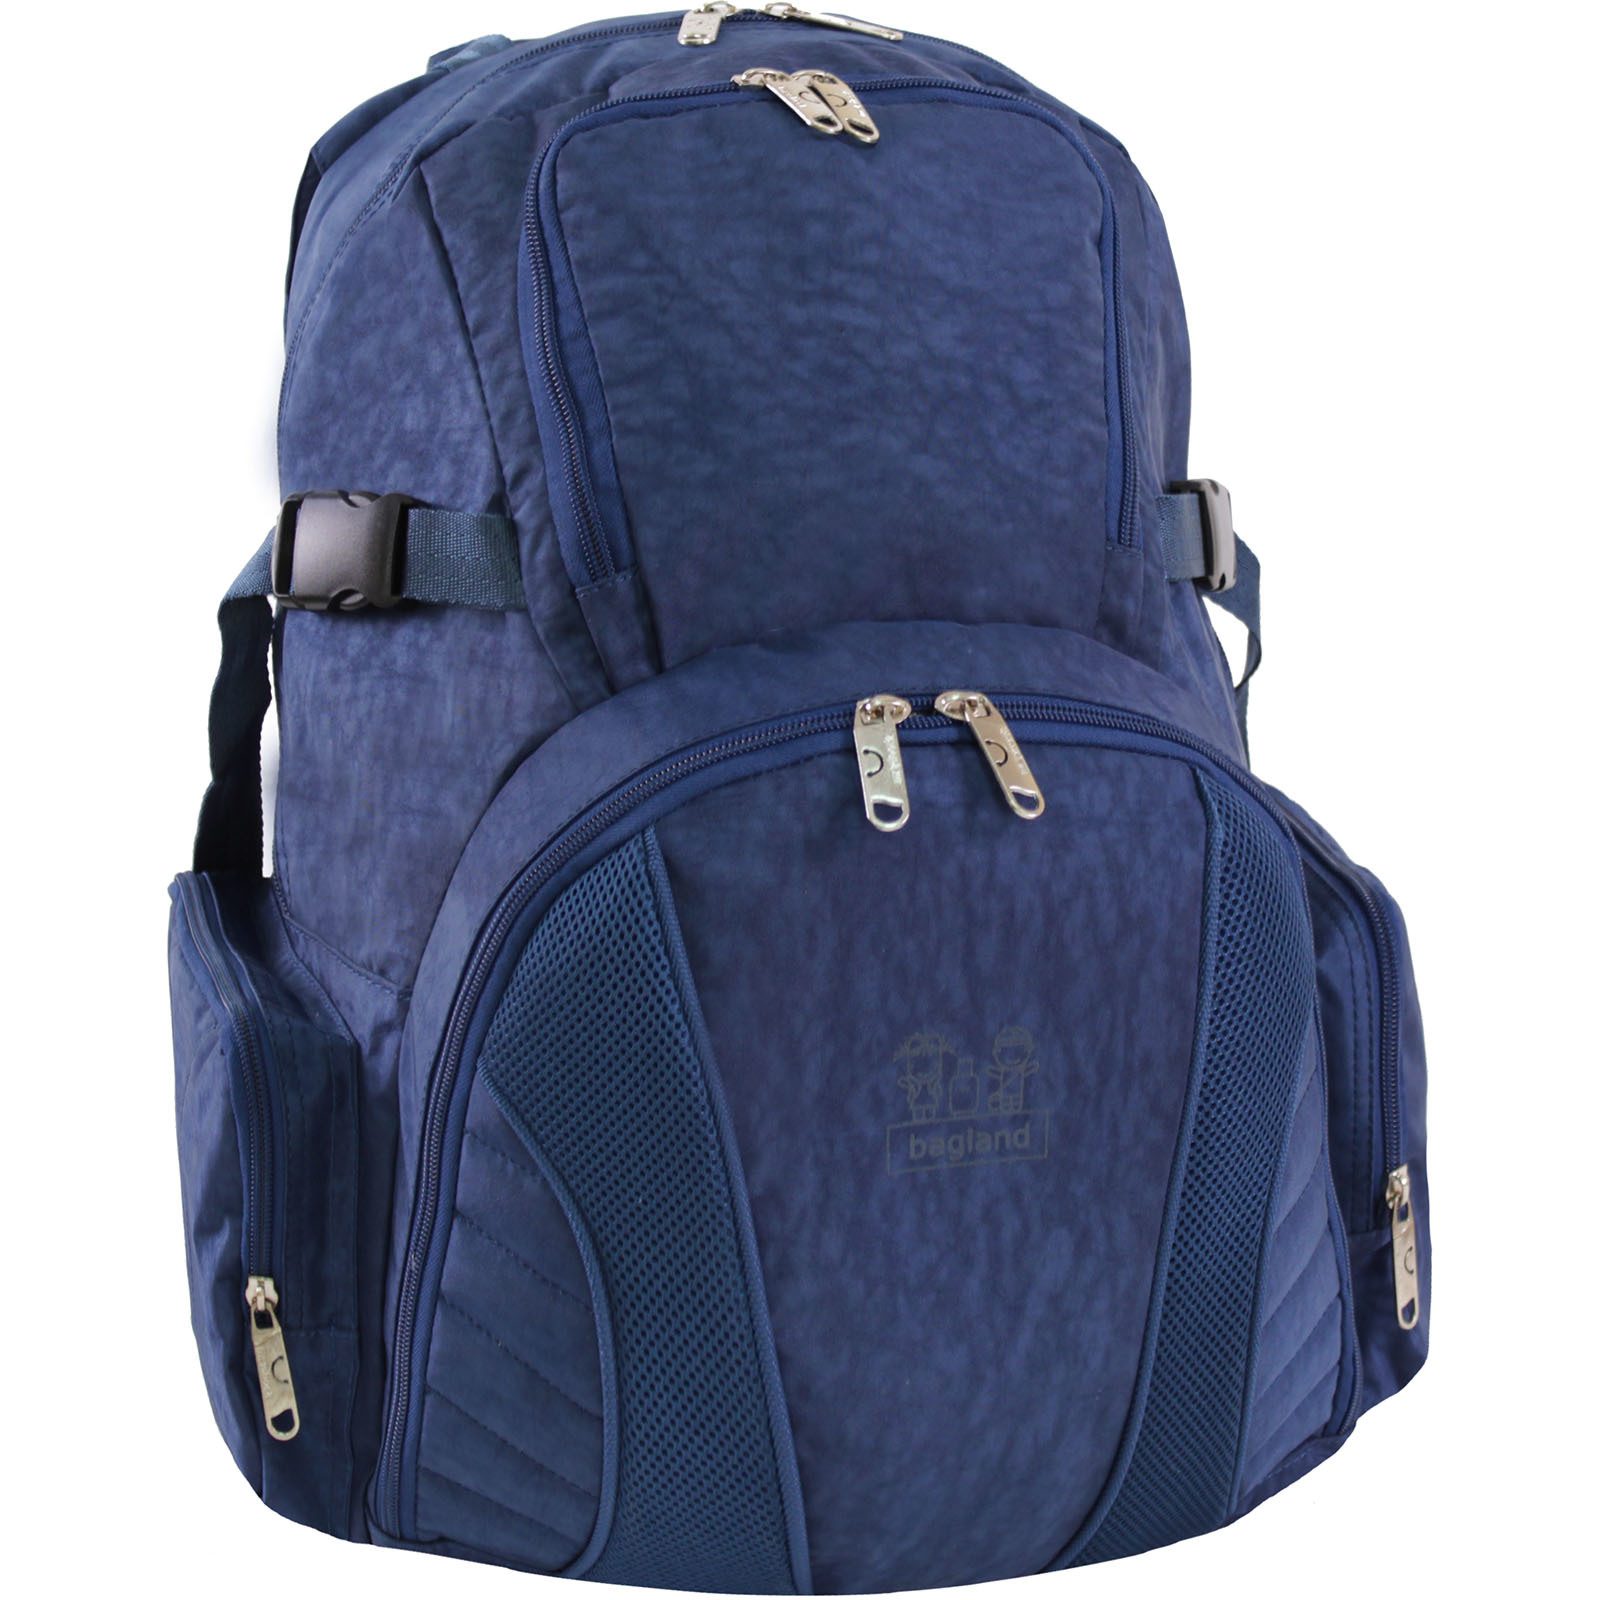 Городские рюкзаки Рюкзак Bagland Звезда 35 л. Синий (0018870) IMG_1209.JPG